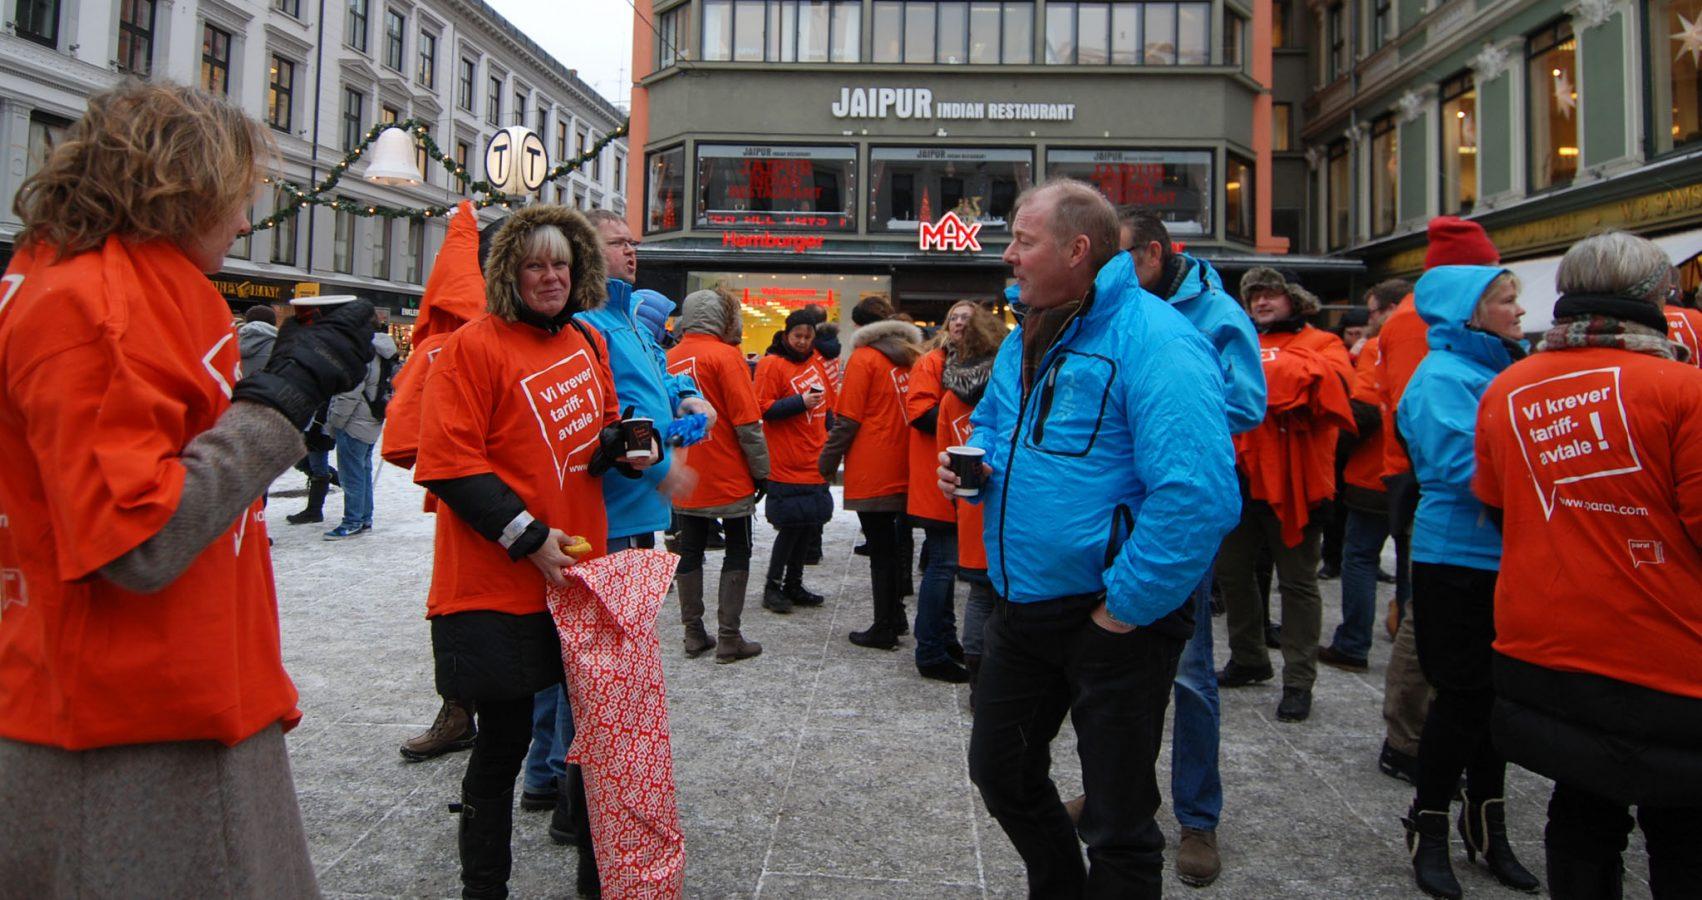 Mennesker med orane tskjorter med påskriften Vi krever tariffavtale er samlet på Egertorget i Oslo